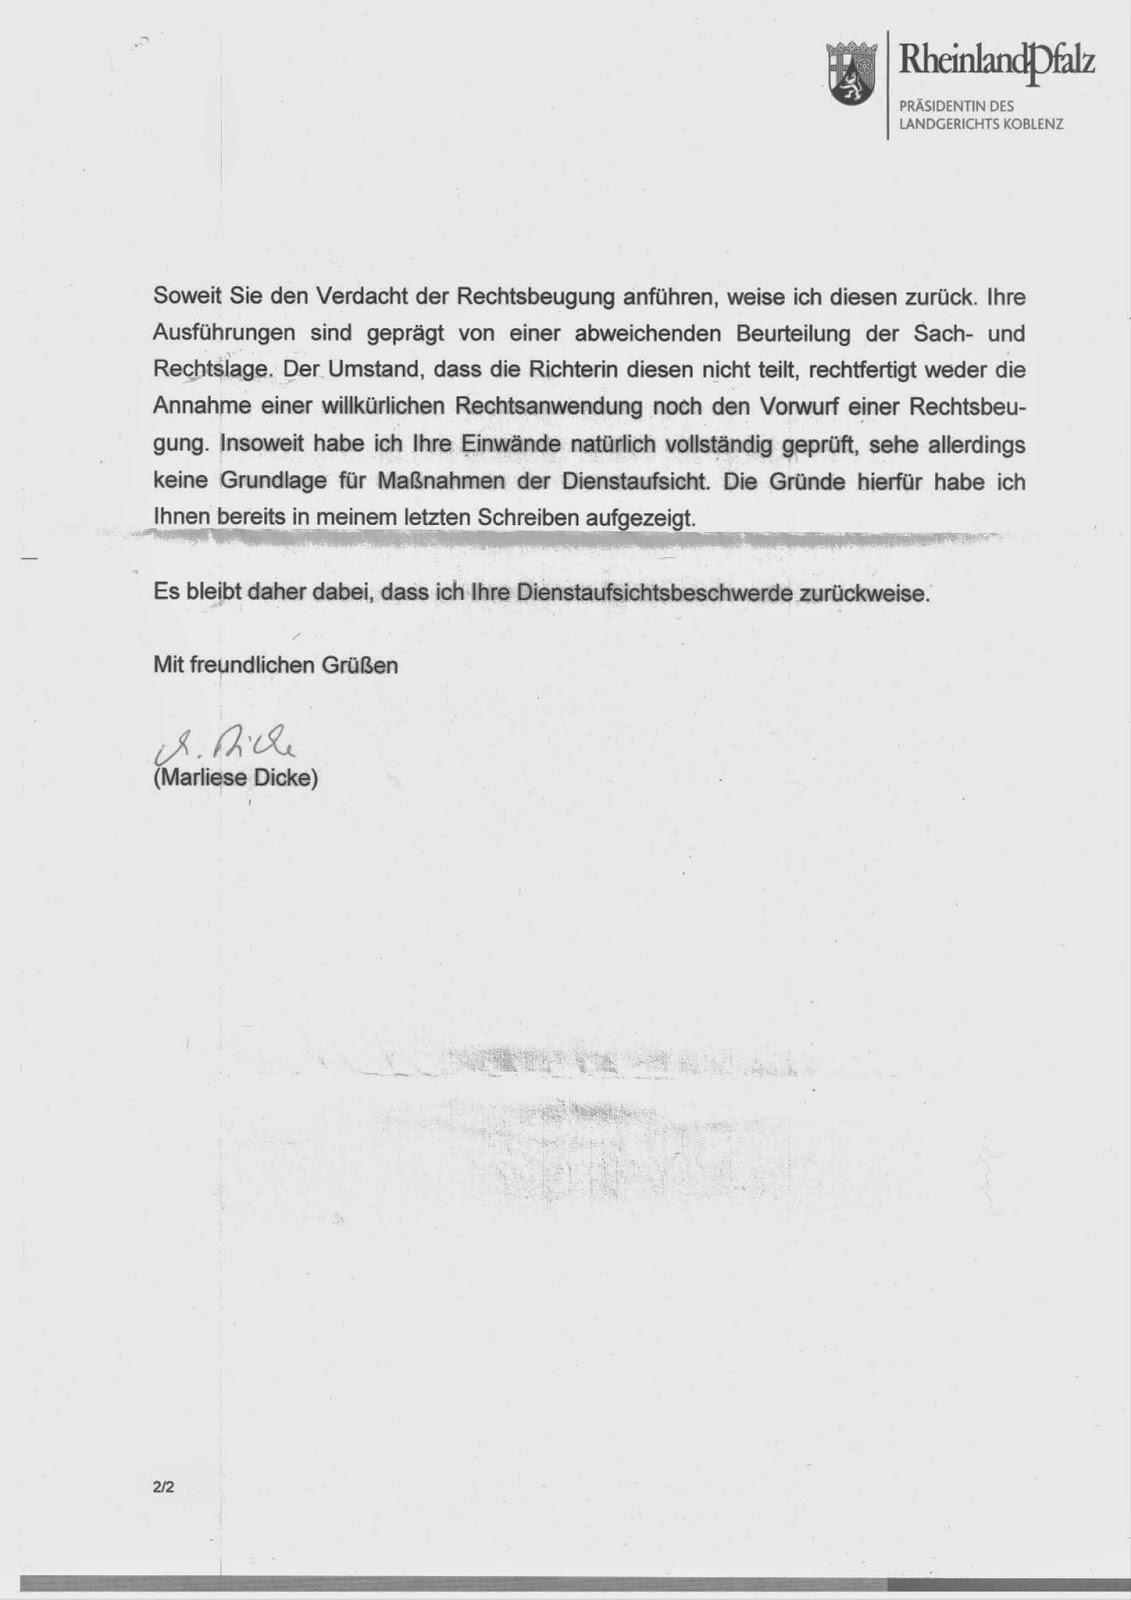 Ausgezeichnet Schreiben Geschäft Profitabel Wieder Aufnehmen Galerie ...